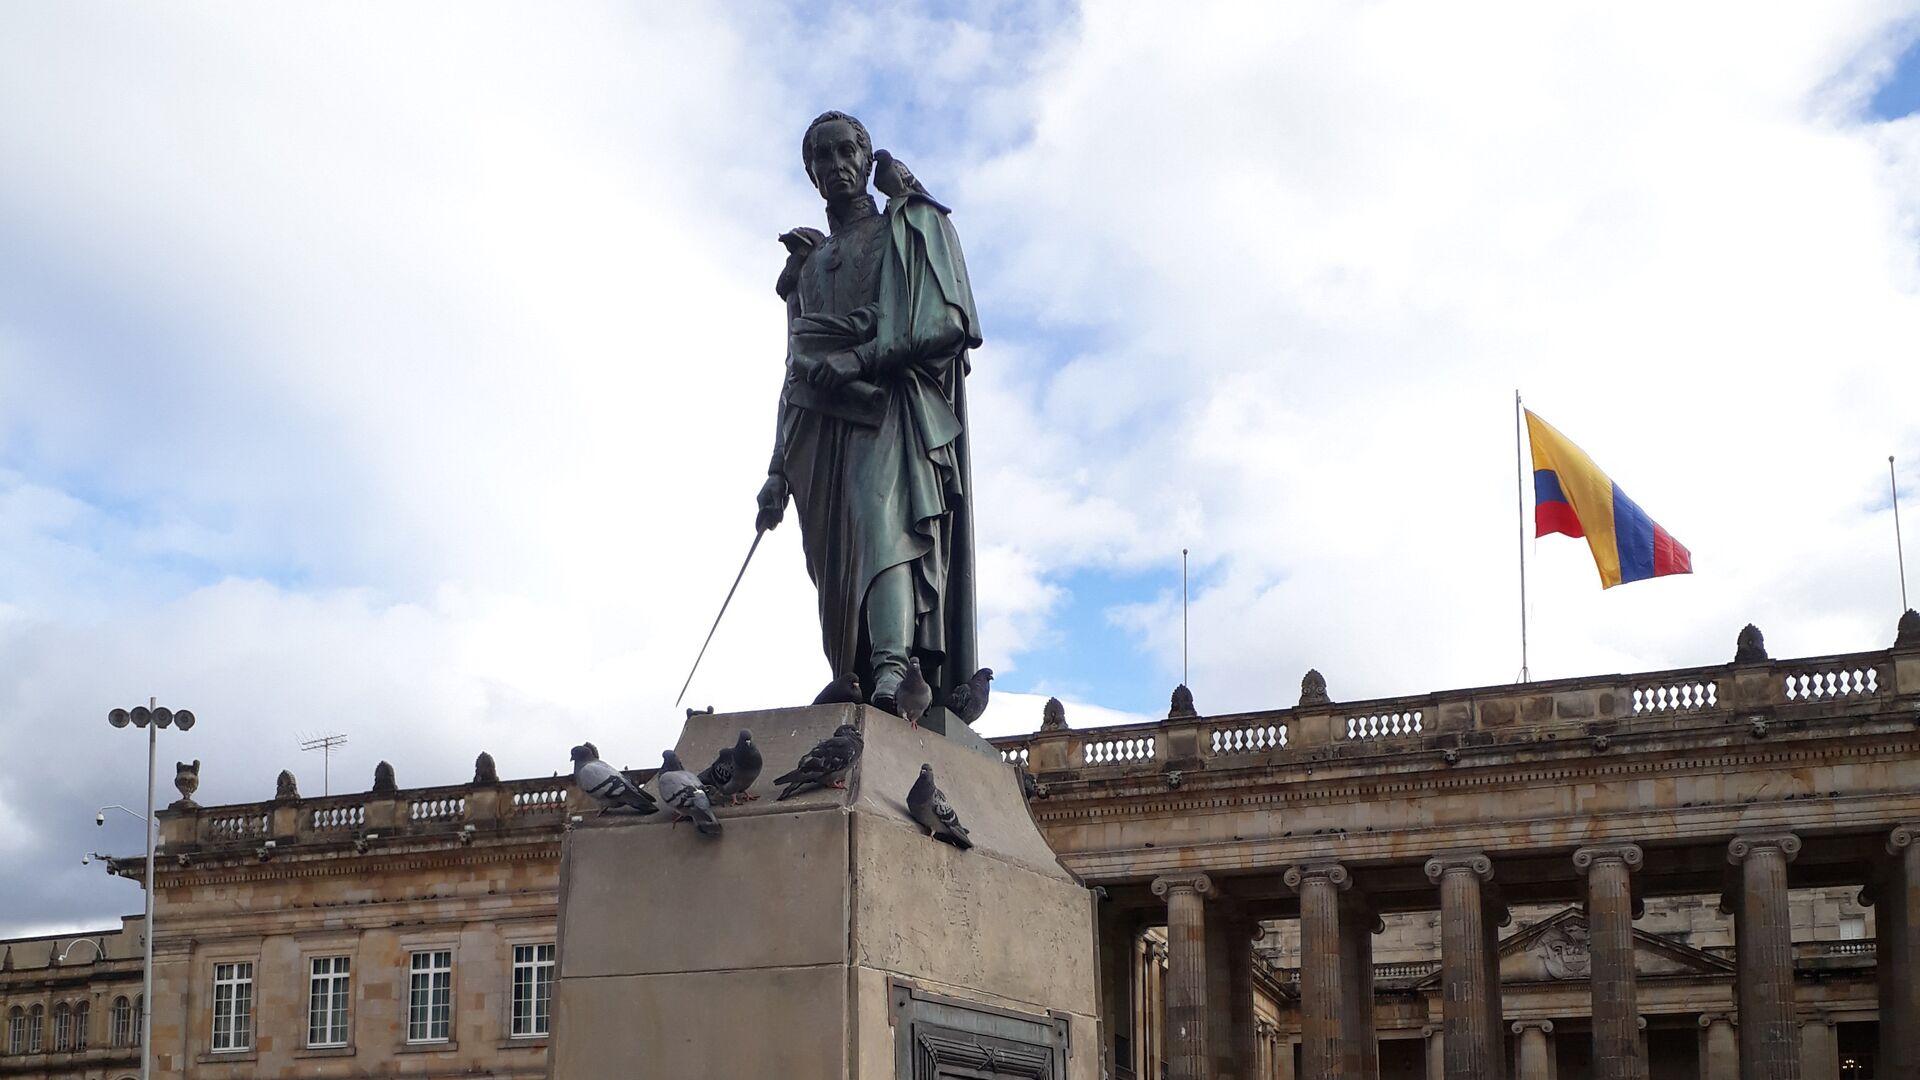 Памятник Симону Боливару на центральной площади Боготы, Колумбия - РИА Новости, 1920, 13.06.2021